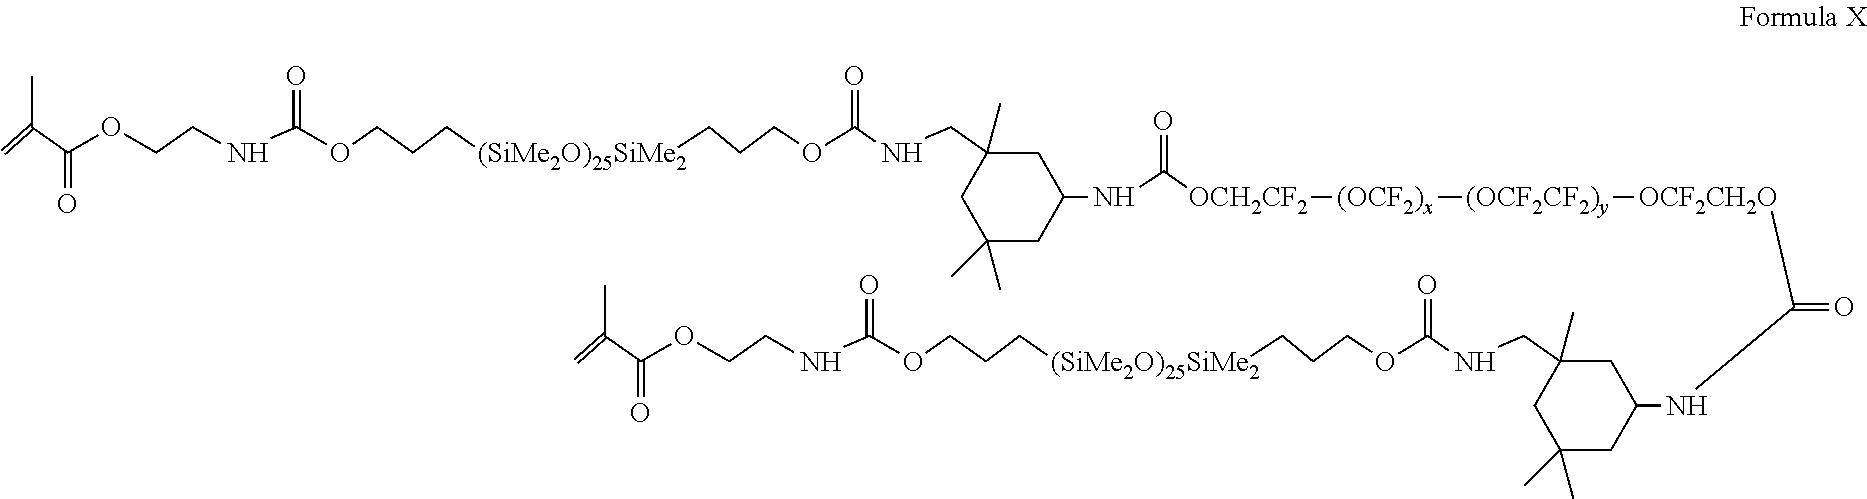 Figure US20180076465A1-20180315-C00007